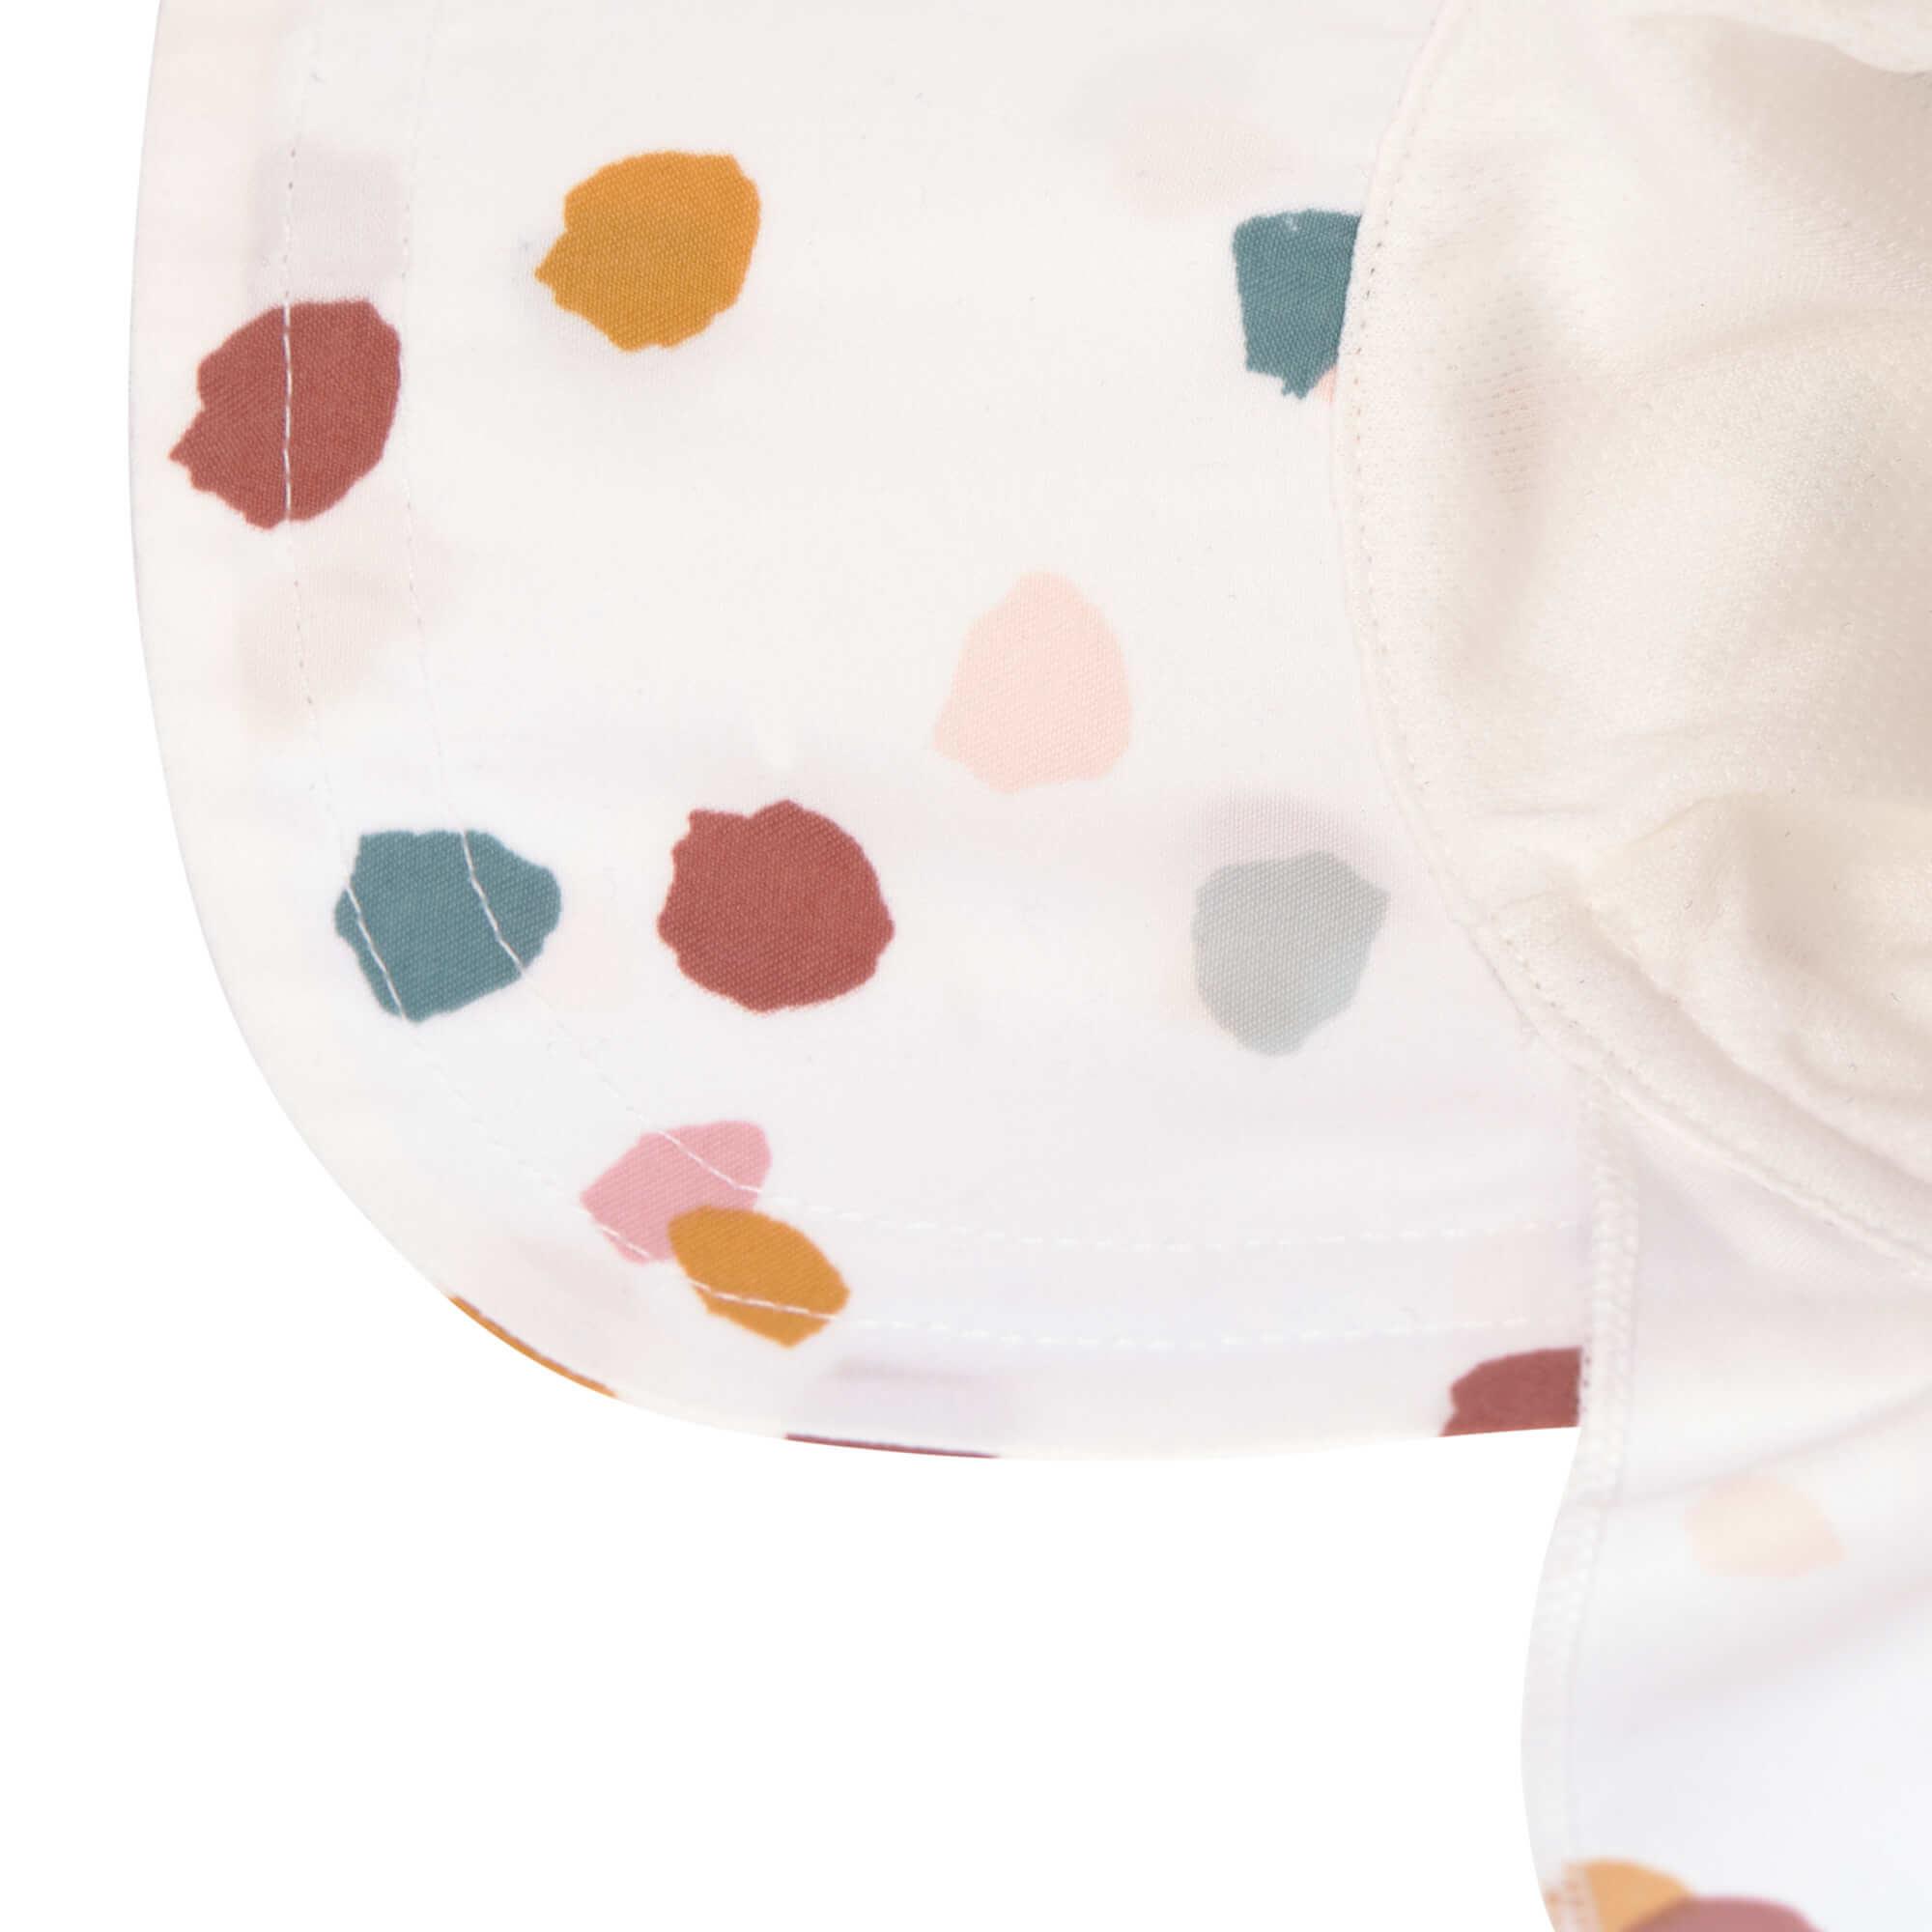 Lässig Lässig Splash & Fun Sun Protection Zonnehoed Flaphoed met UV bescherming - Spotted white 19-36 maanden, Maat: 50/51